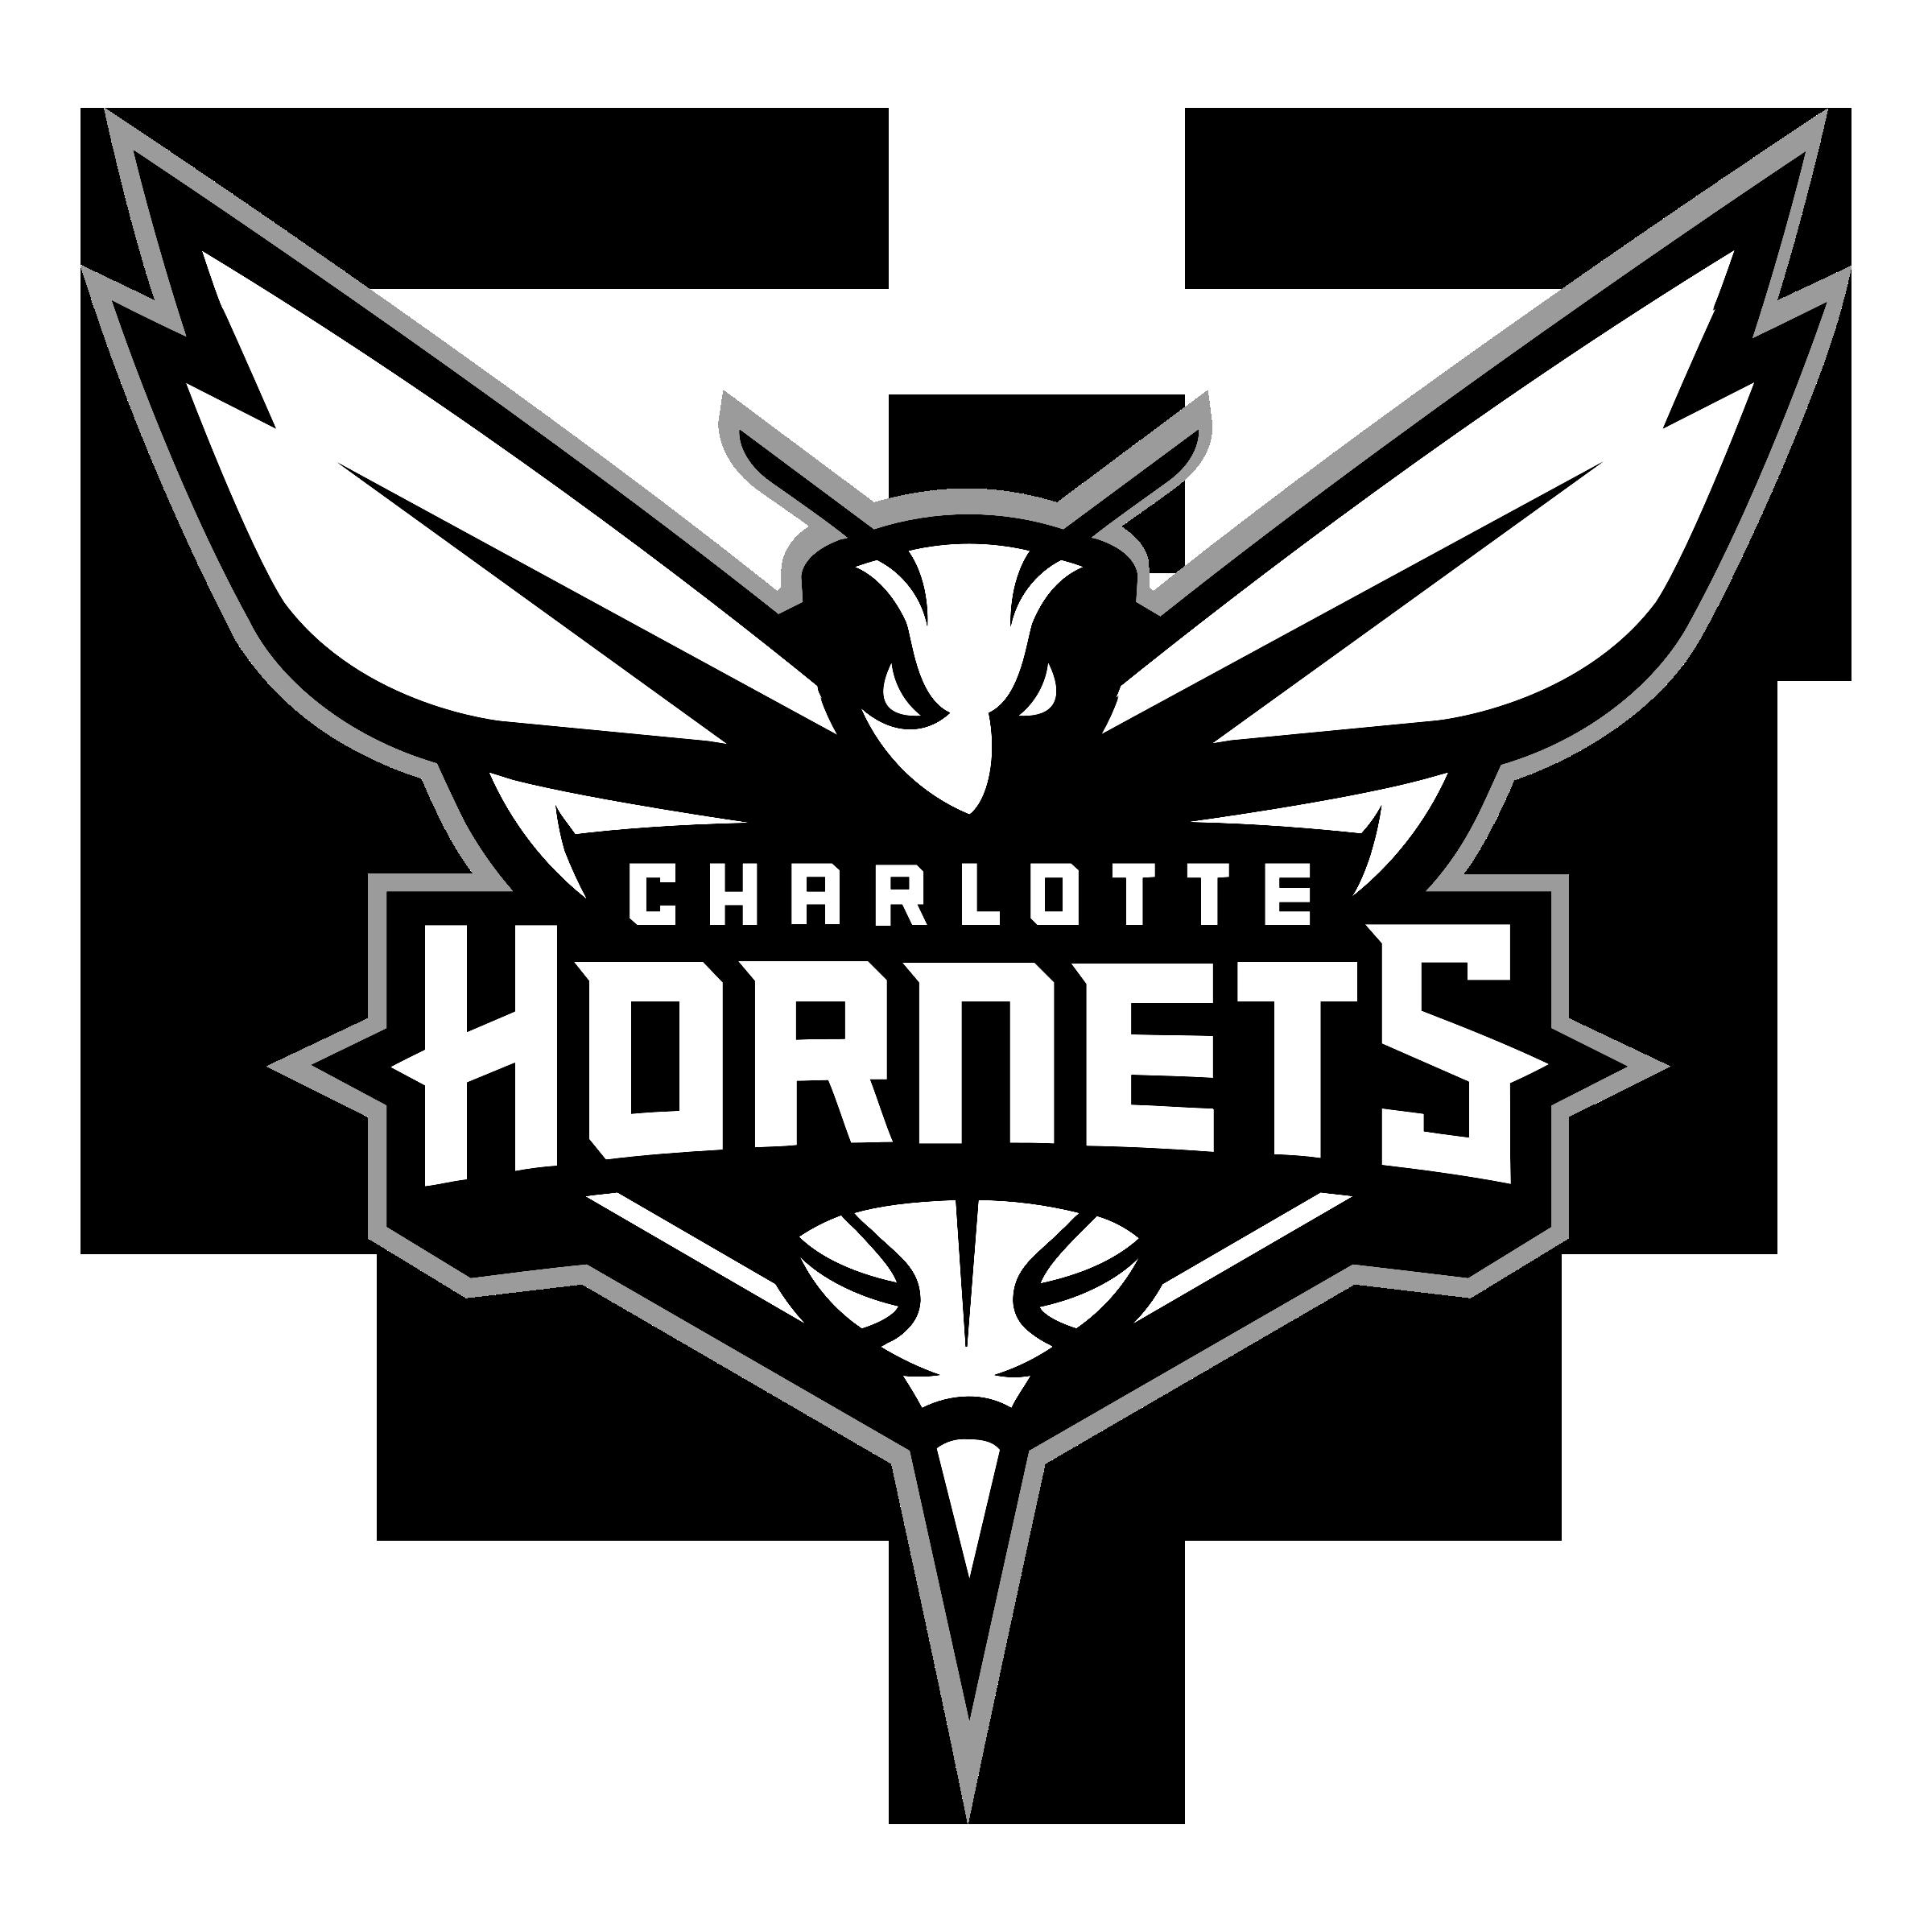 Charlotte Hornets Png Transparent Charlotte Hornetspng Images